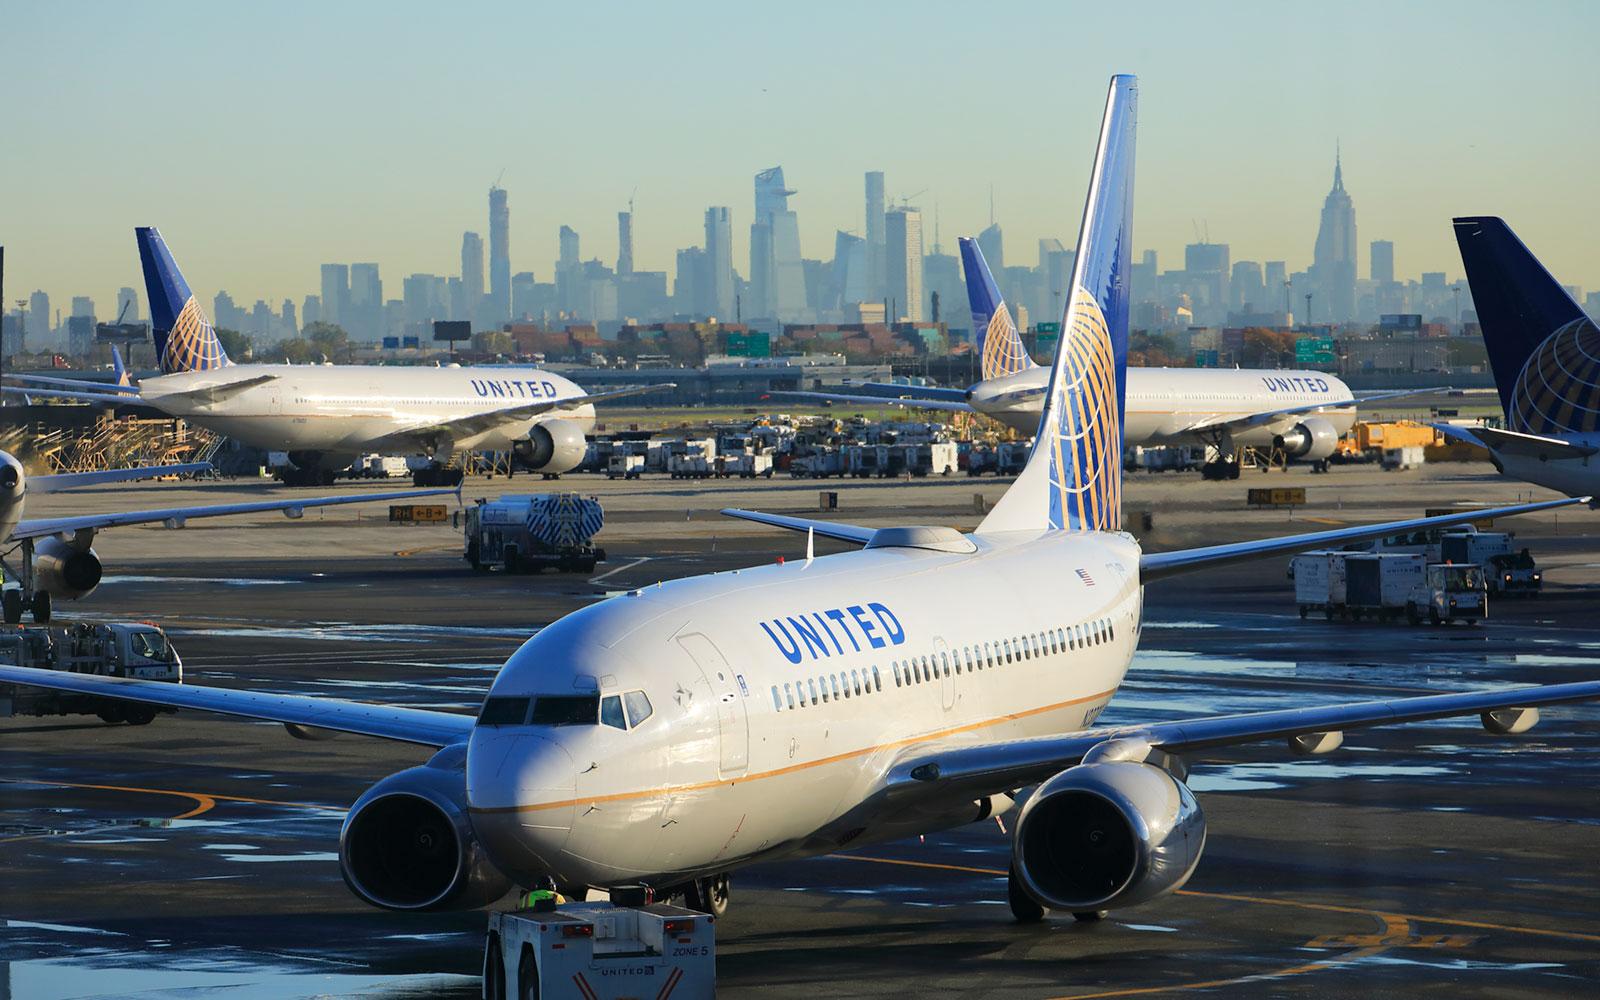 Foto32 Aeroporto Internacional de Newark Avião vaza 240 galões de combustível no Aeroporto de Newark